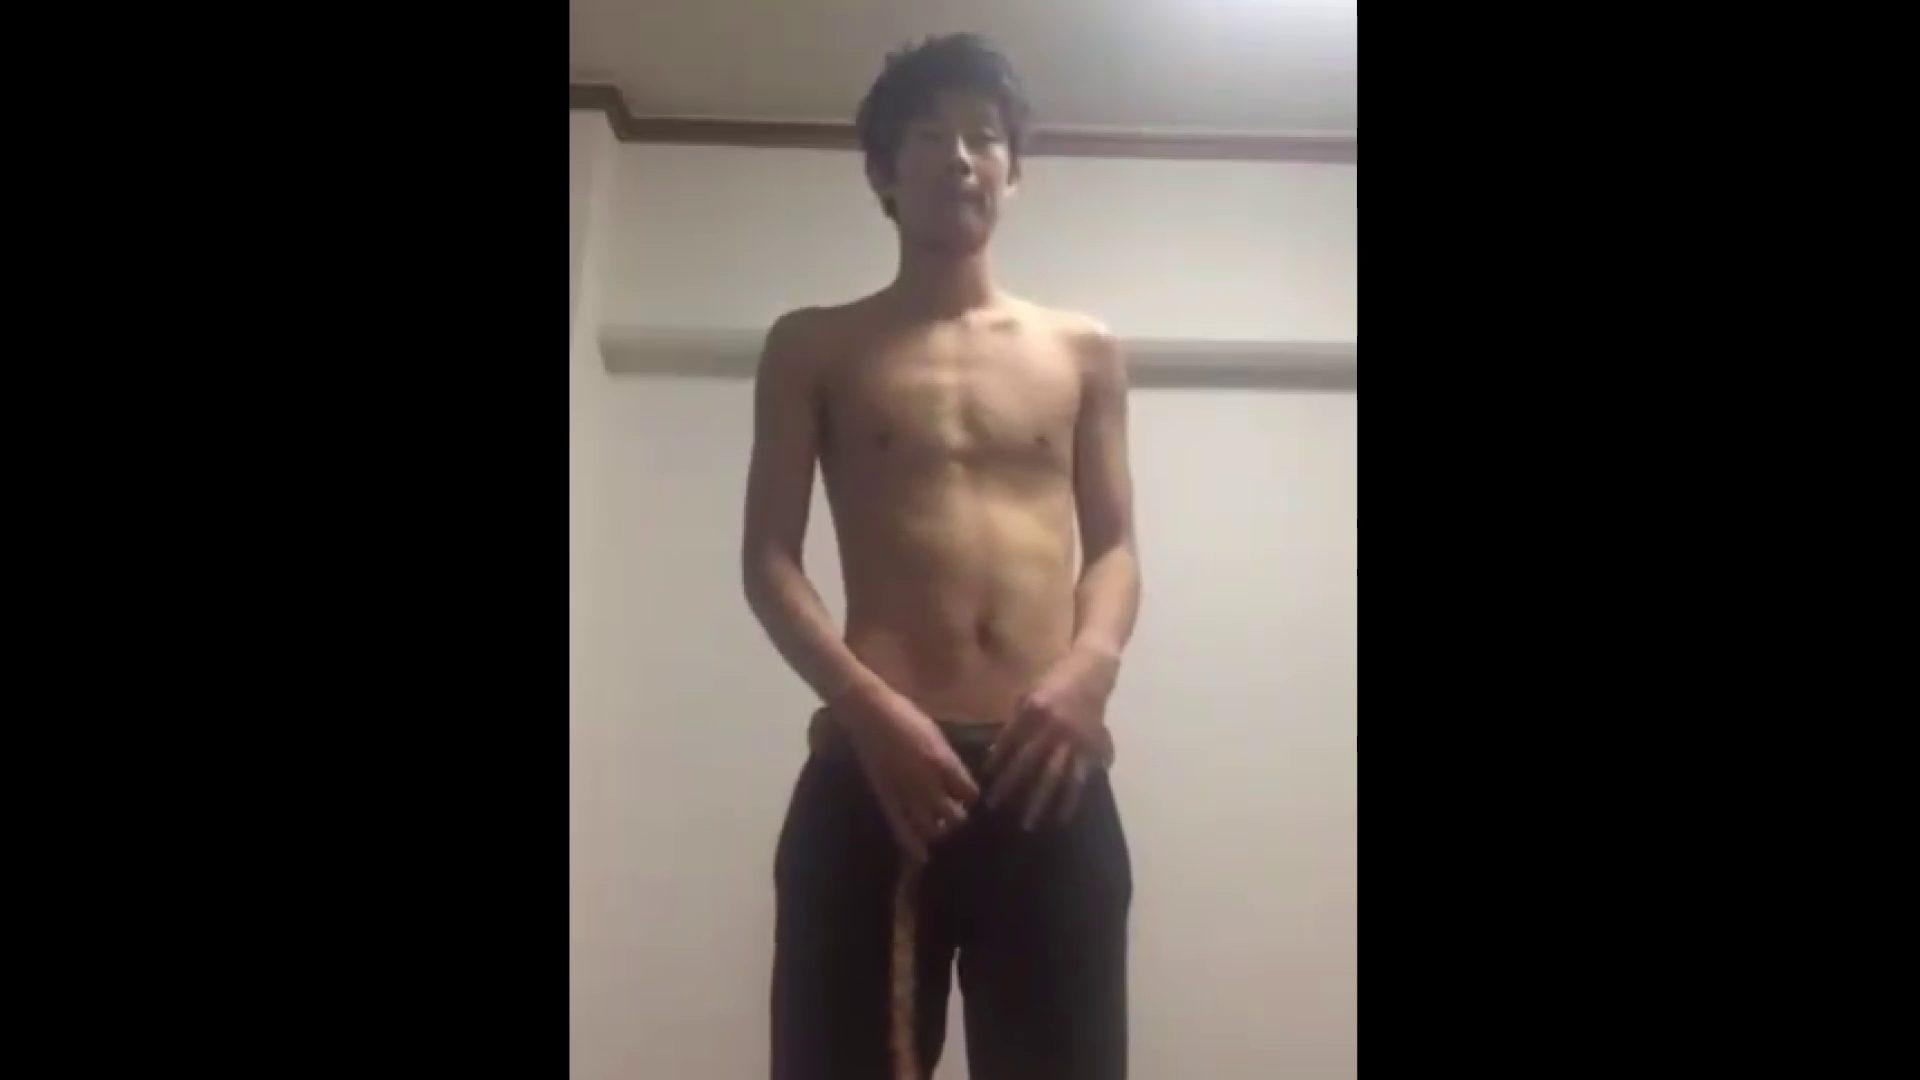 巨根 オナニー塾Vol.20 無修正 エロビデオ紹介 65pic 4